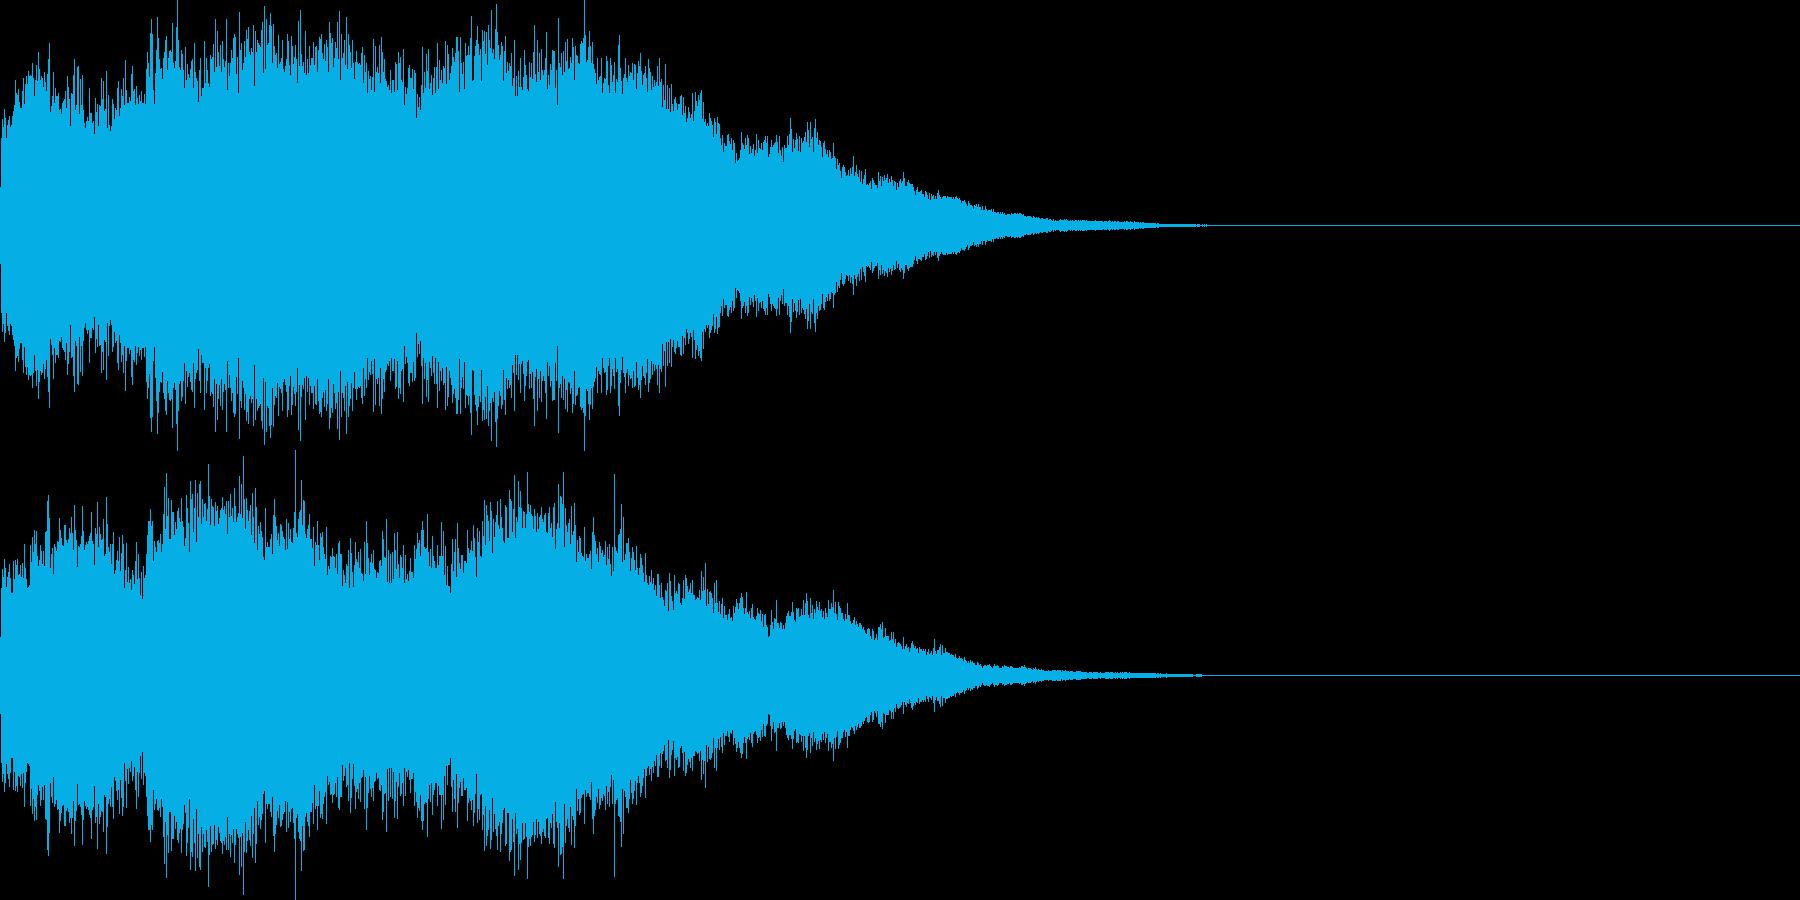 ベル/コール/着信音/アラーム音/1回の再生済みの波形